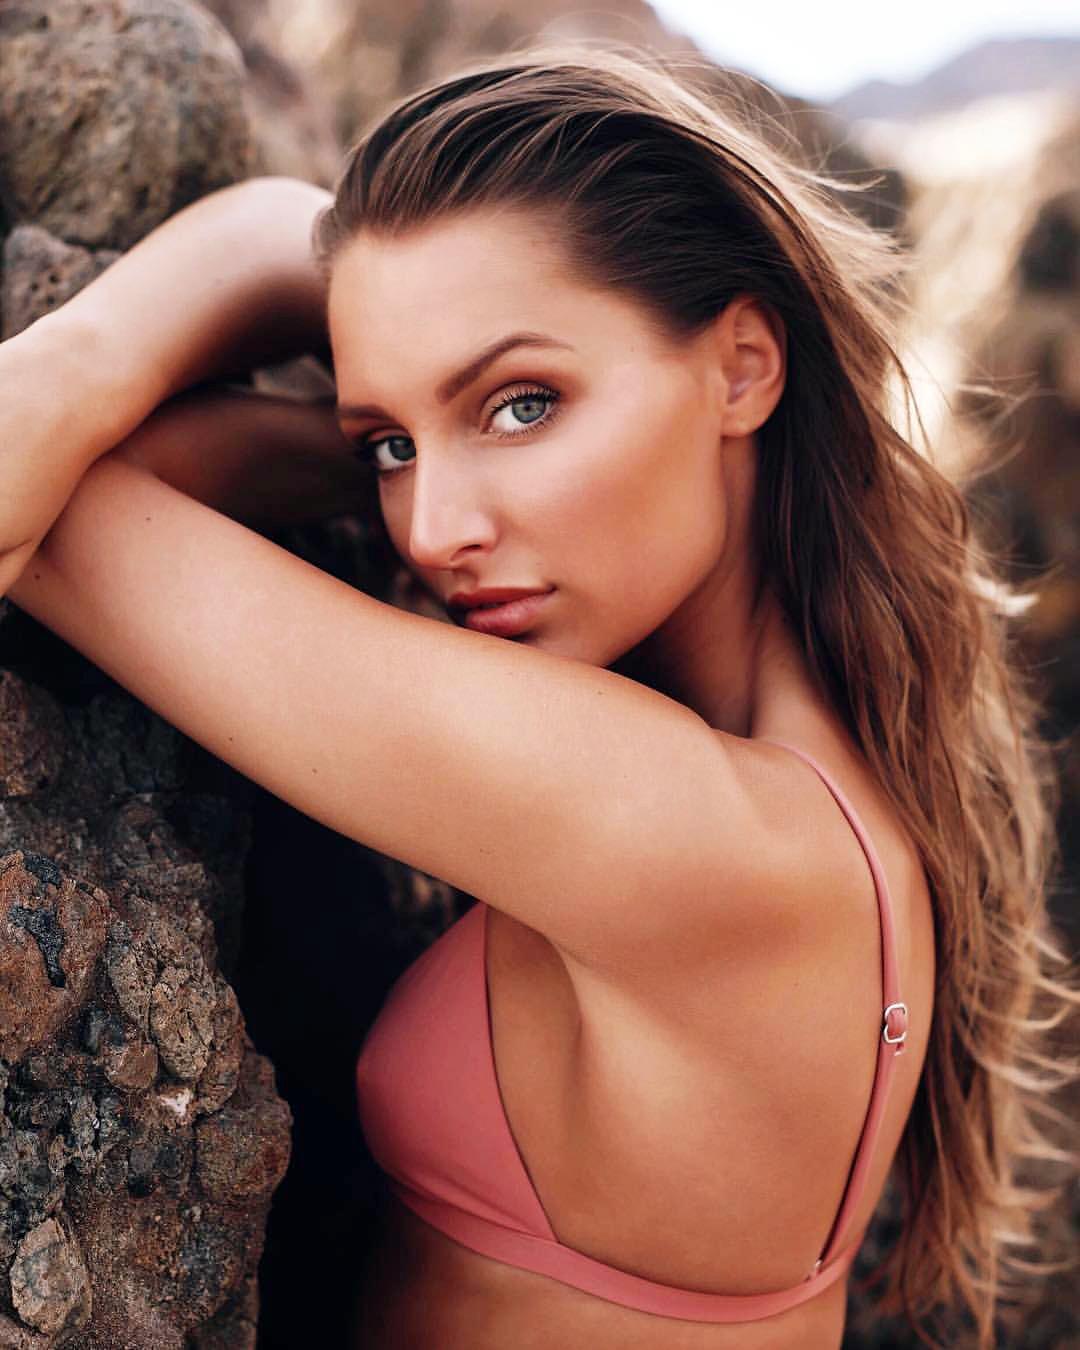 Mới đây, với khát khao chinh phục vương miện Hoa hậu Hoàn vũ - Miss Universe, cô đã quyết định trở thành thí sinh cuộc thi cấp quốc gia để tìm gương mặt đại diện nước Úc đến với